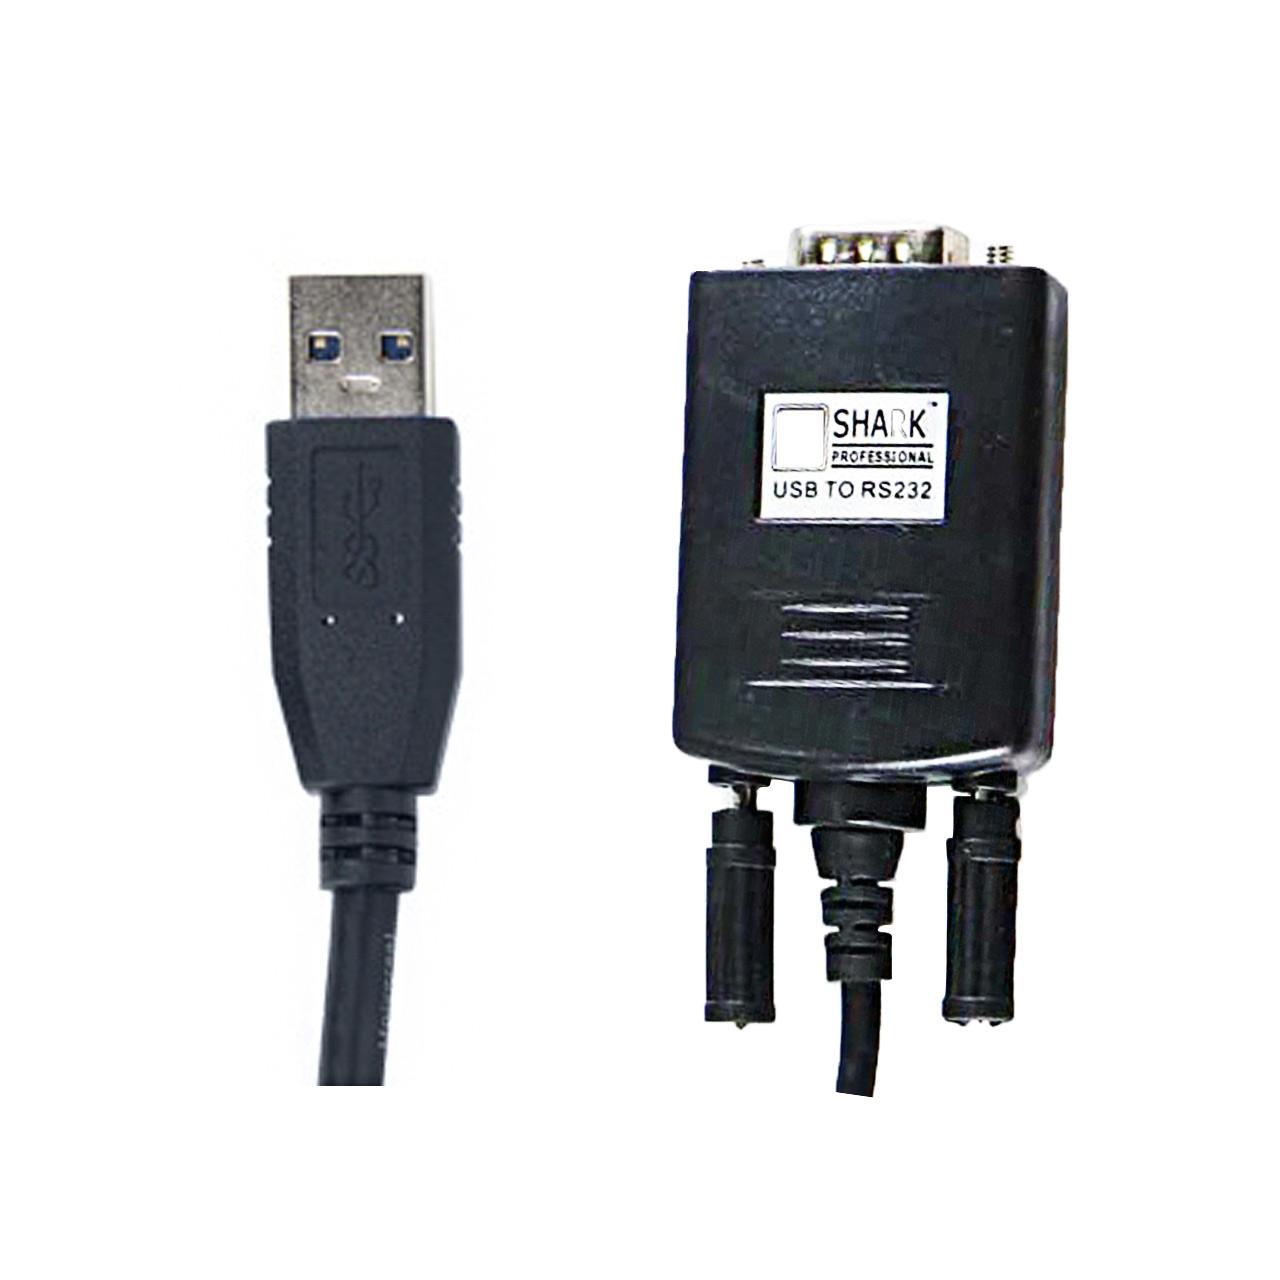 کابل تبدیل USB به سریال RS232 شارک مدل SH-201 طول 1 متر